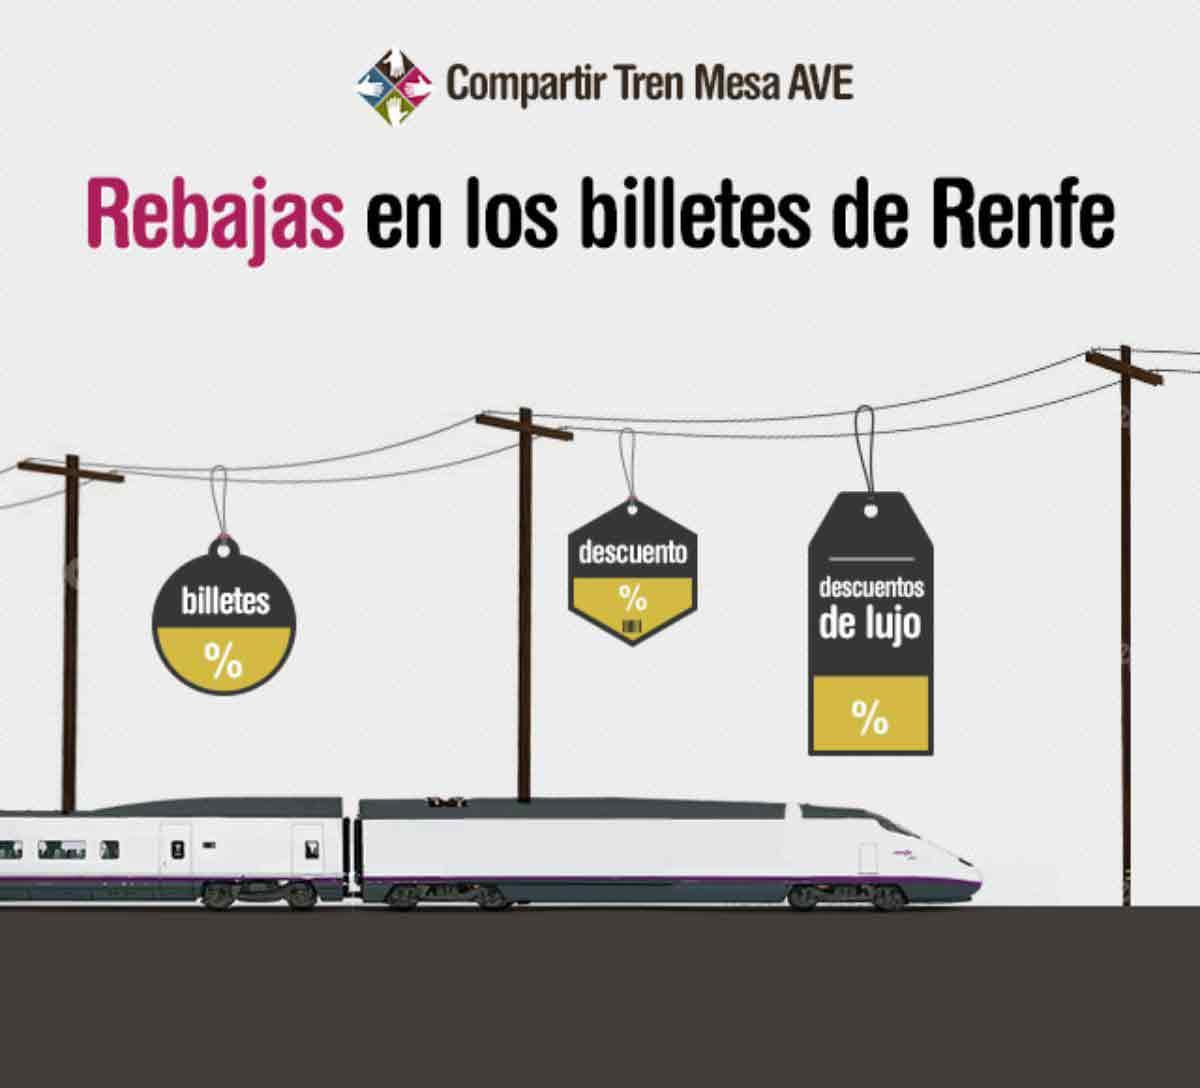 Billetes de AVE más baratos con las rebajas de Renfe